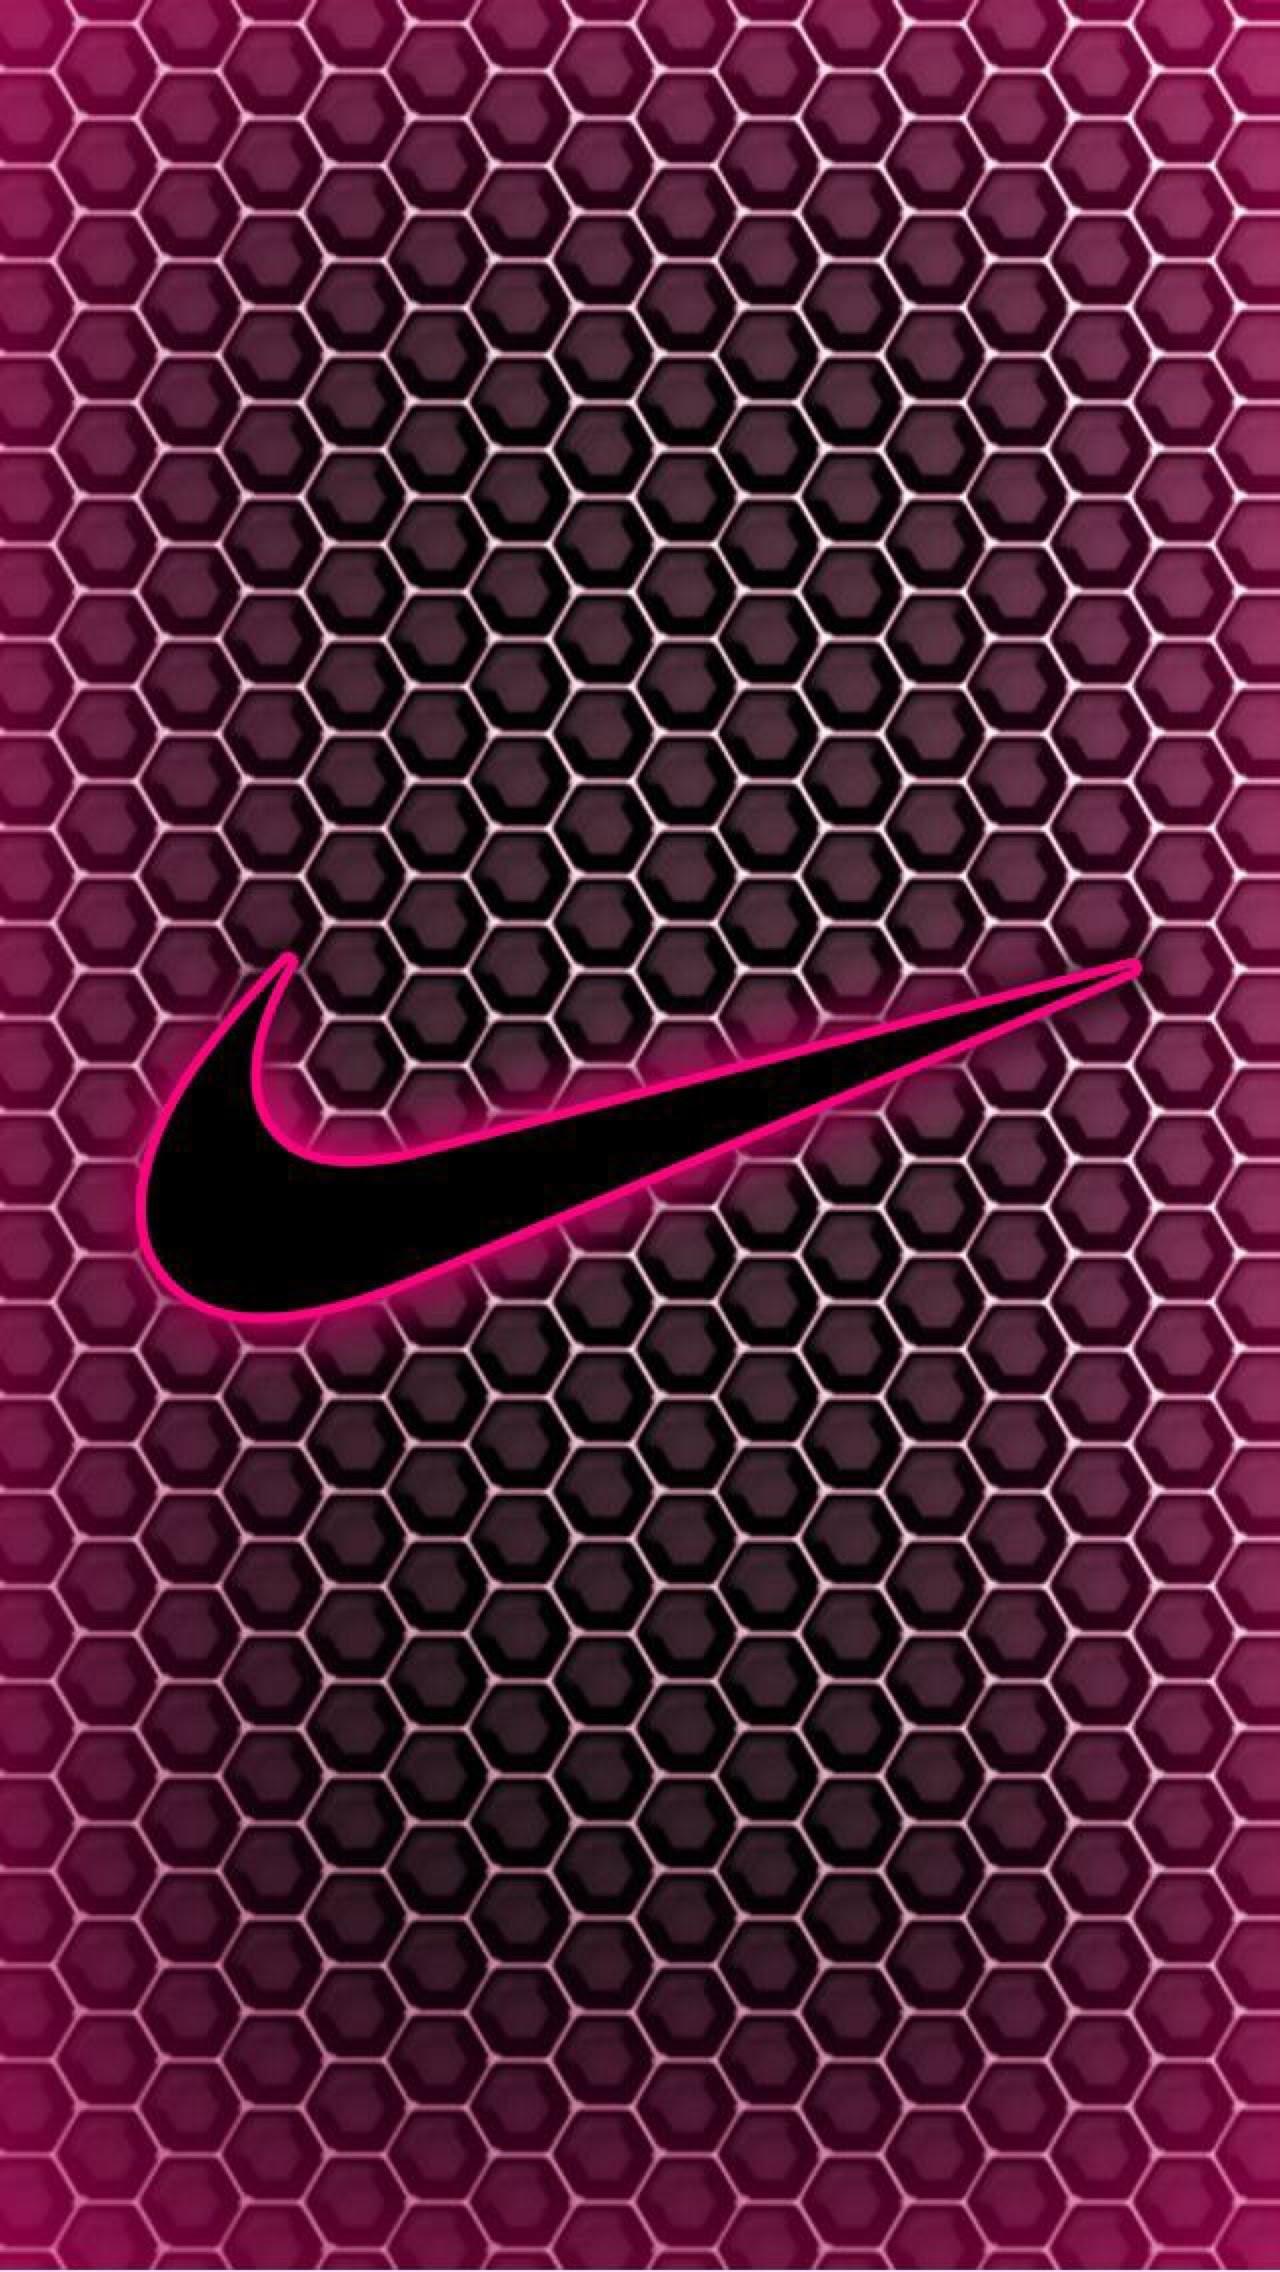 Pink Nike Wallpaper